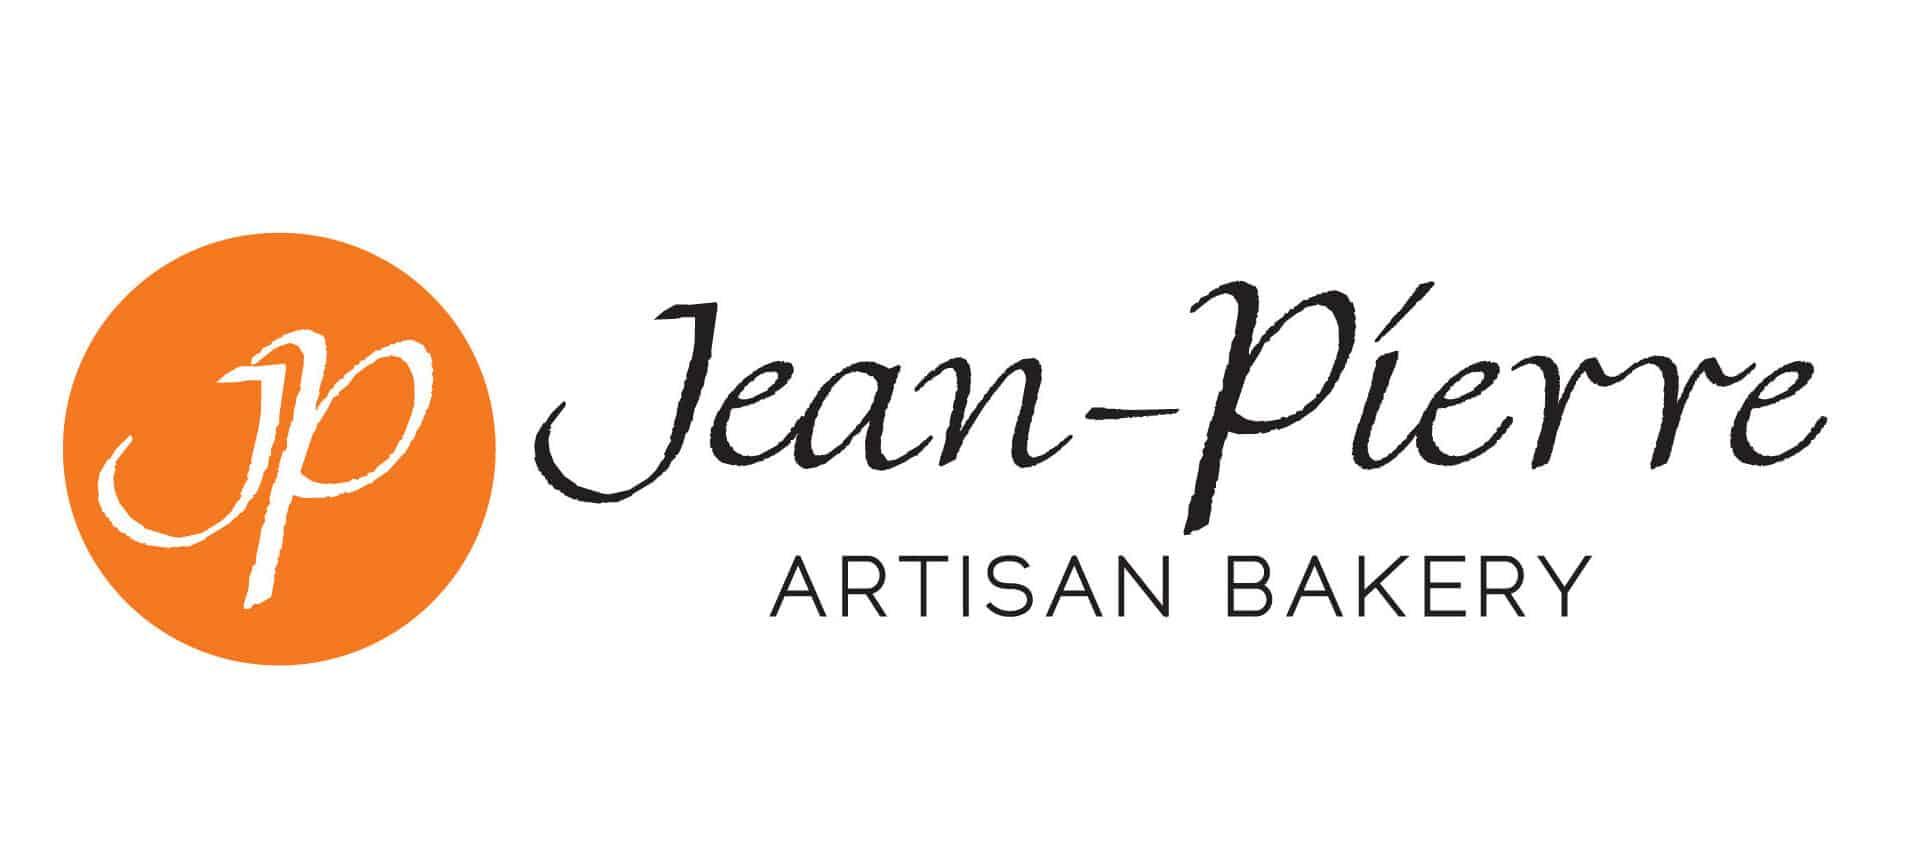 Jean-Pierre Artisan Bakery Logo